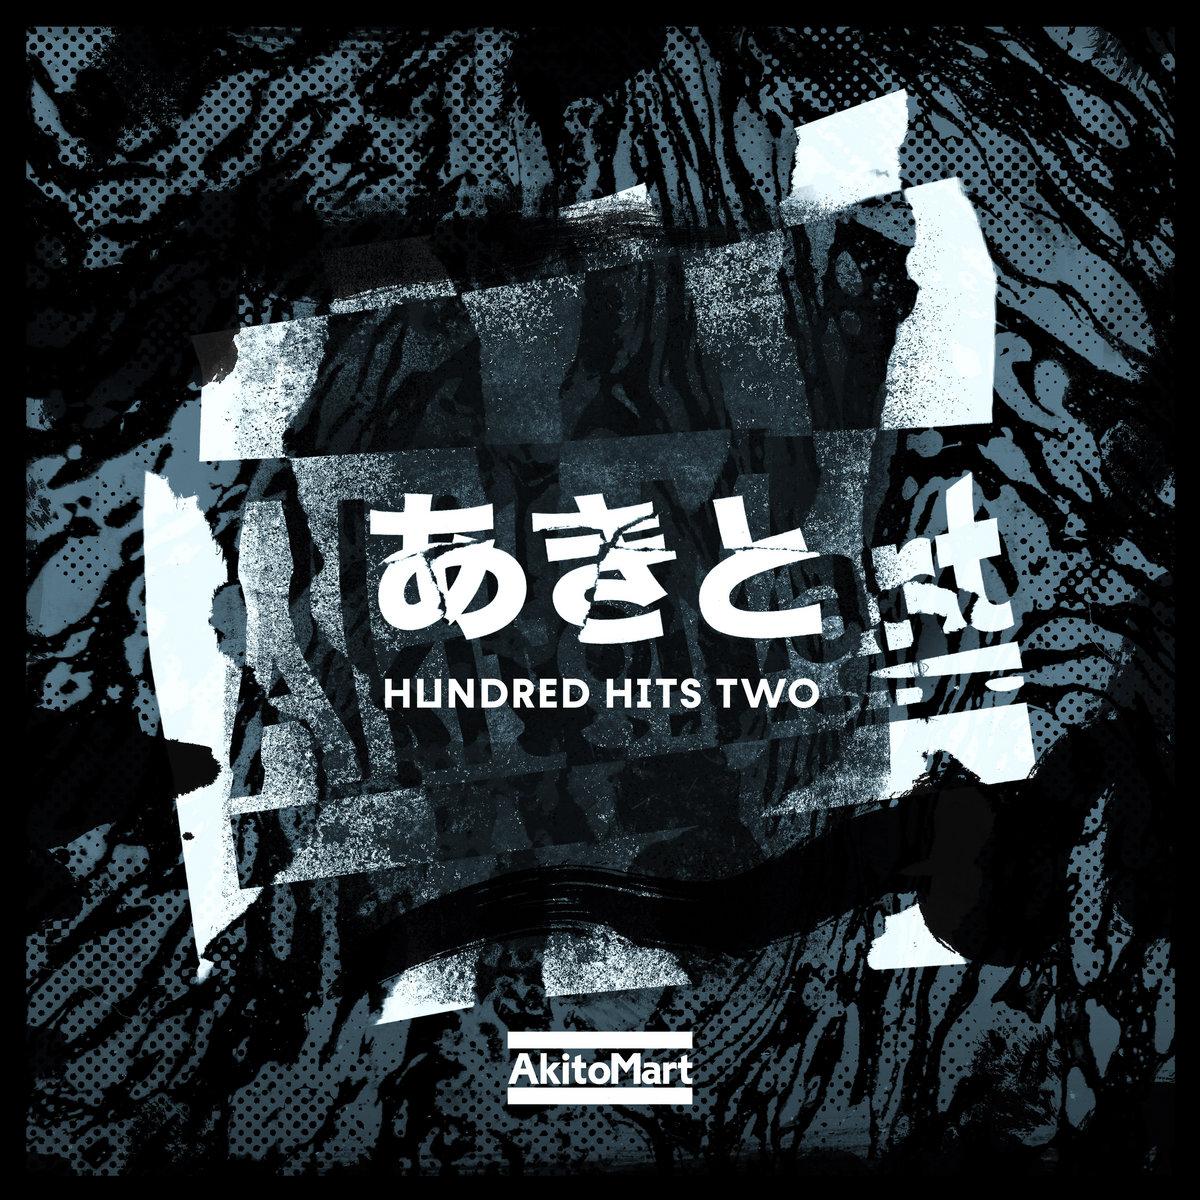 Akito - Hundred Hits Two Drum Sample Pack - AkitoMart